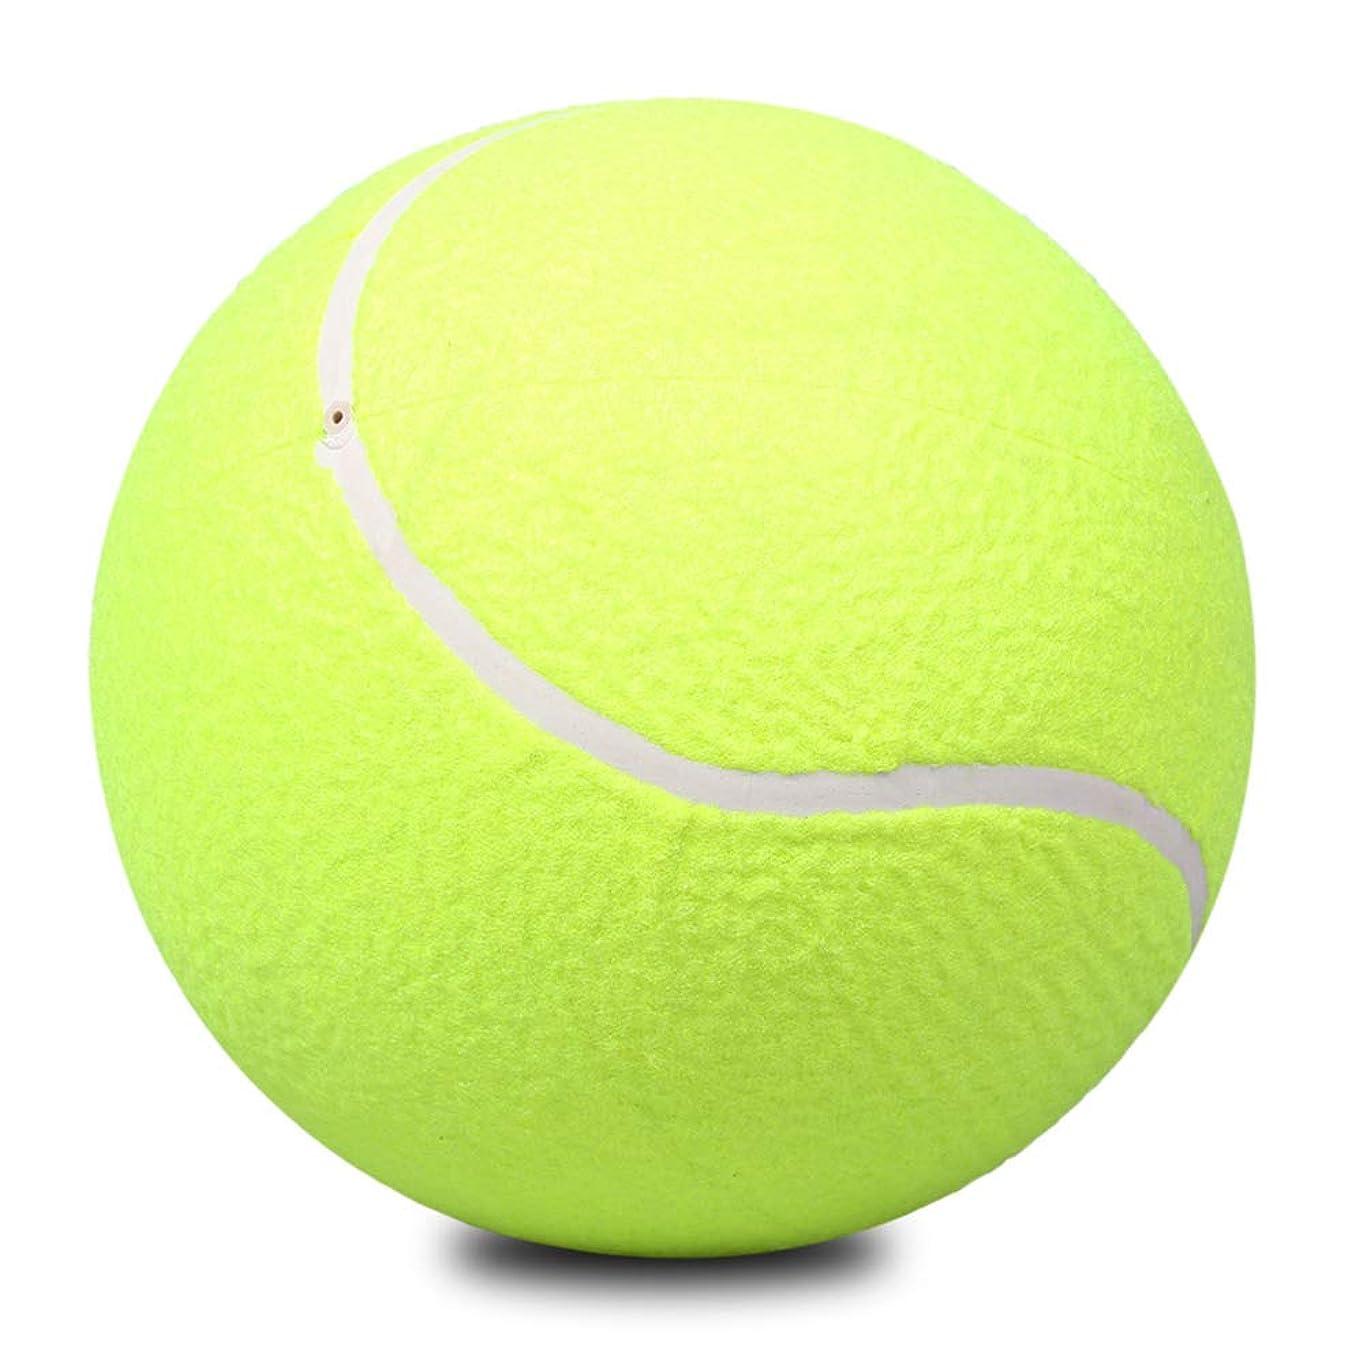 住人敗北コンデンサーYIGO 投げるおもちゃ 犬 ペットテニス ストレス解消 犬の訓練 運動不足 練習用 趣味テニス 9.5インチ